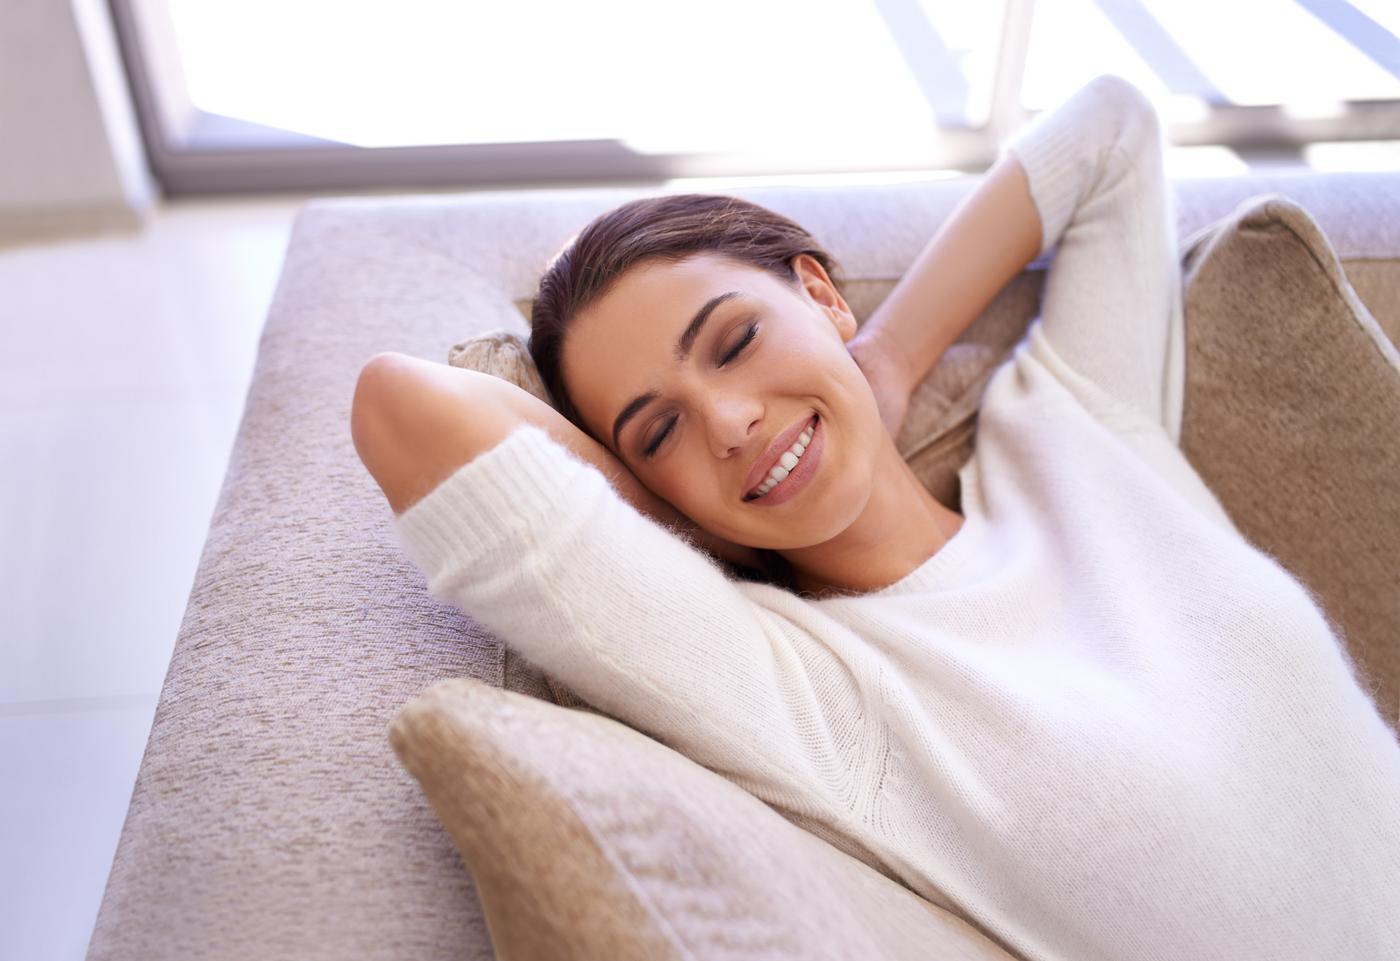 reinigungsservice eckert putzfrau und haushaltshilfe in m nchen. Black Bedroom Furniture Sets. Home Design Ideas